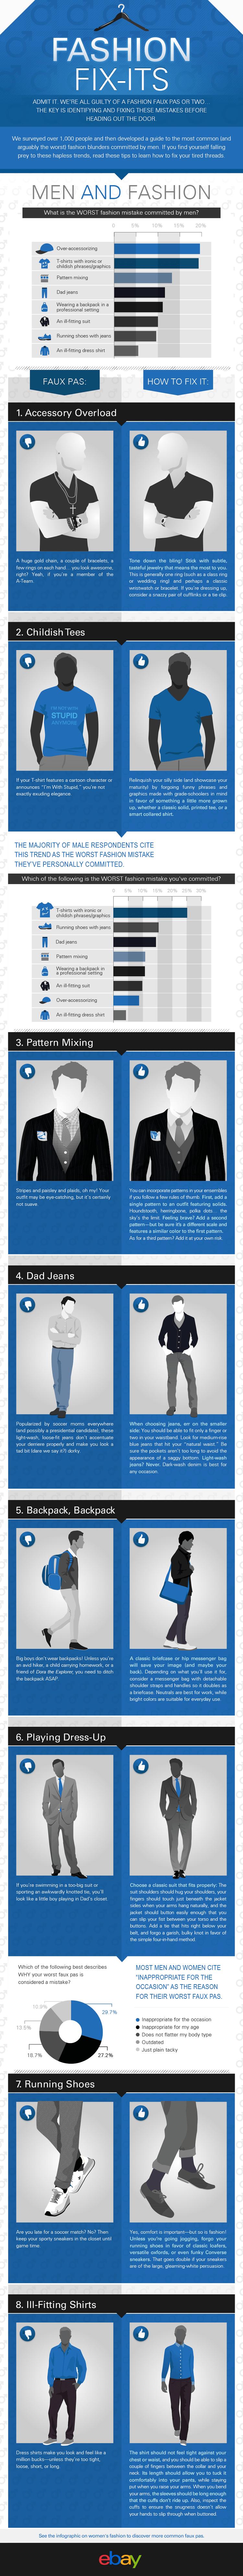 Fashion-Fix-Its-men